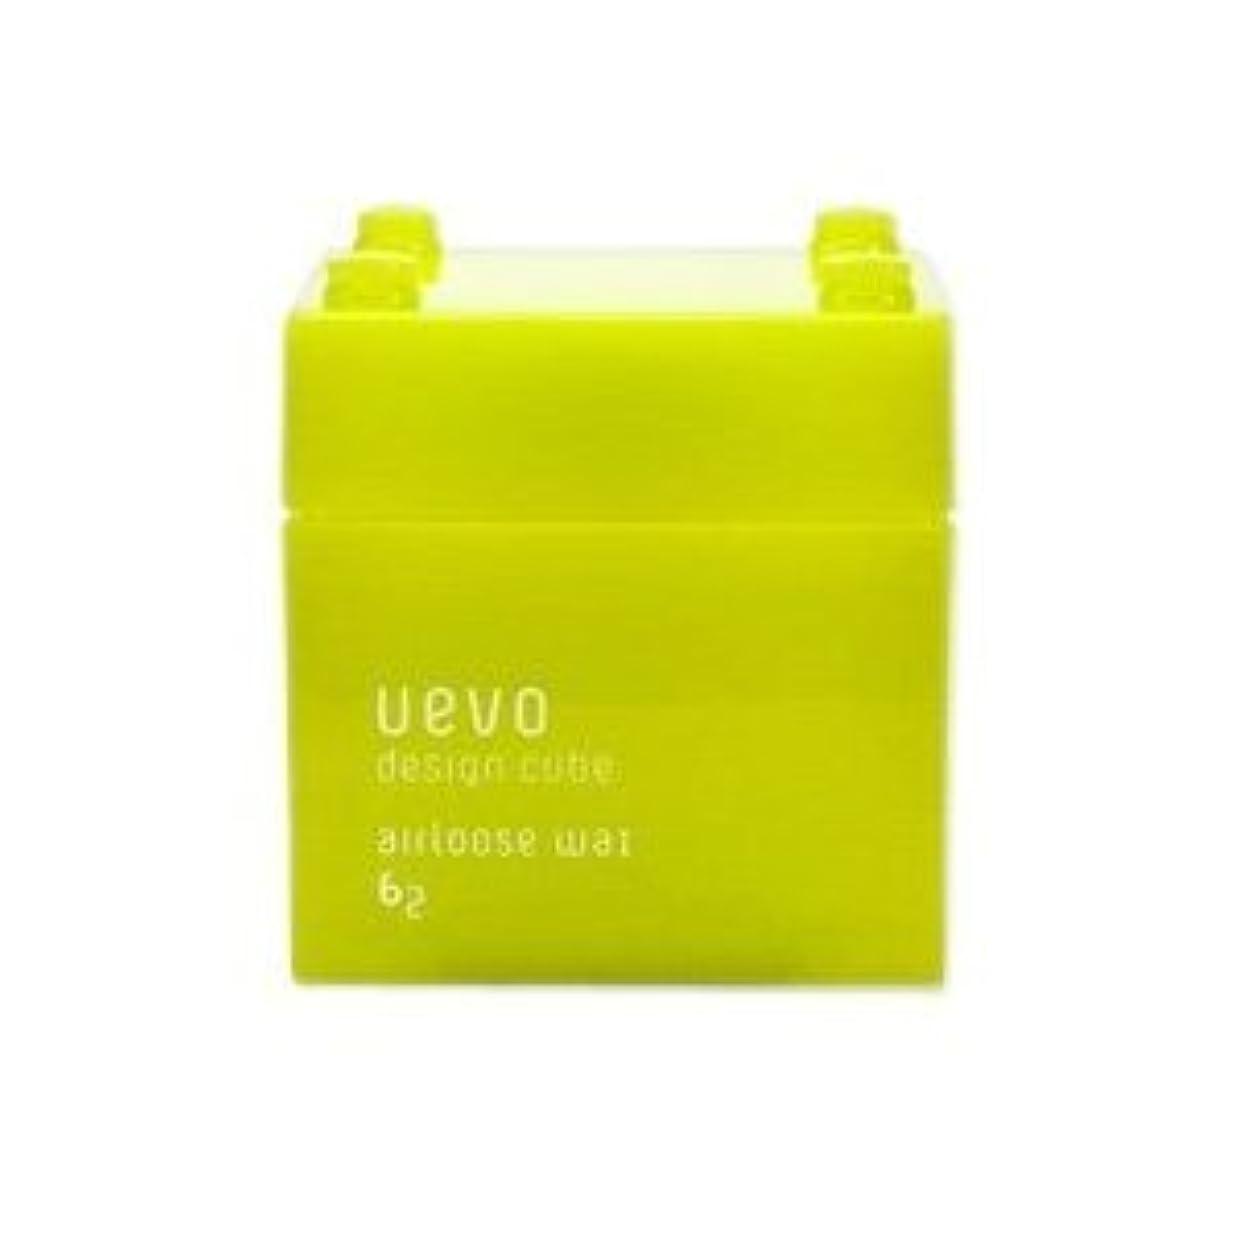 グリル浴財産【X2個セット】 デミ ウェーボ デザインキューブ エアルーズワックス 80g airloose wax DEMI uevo design cube